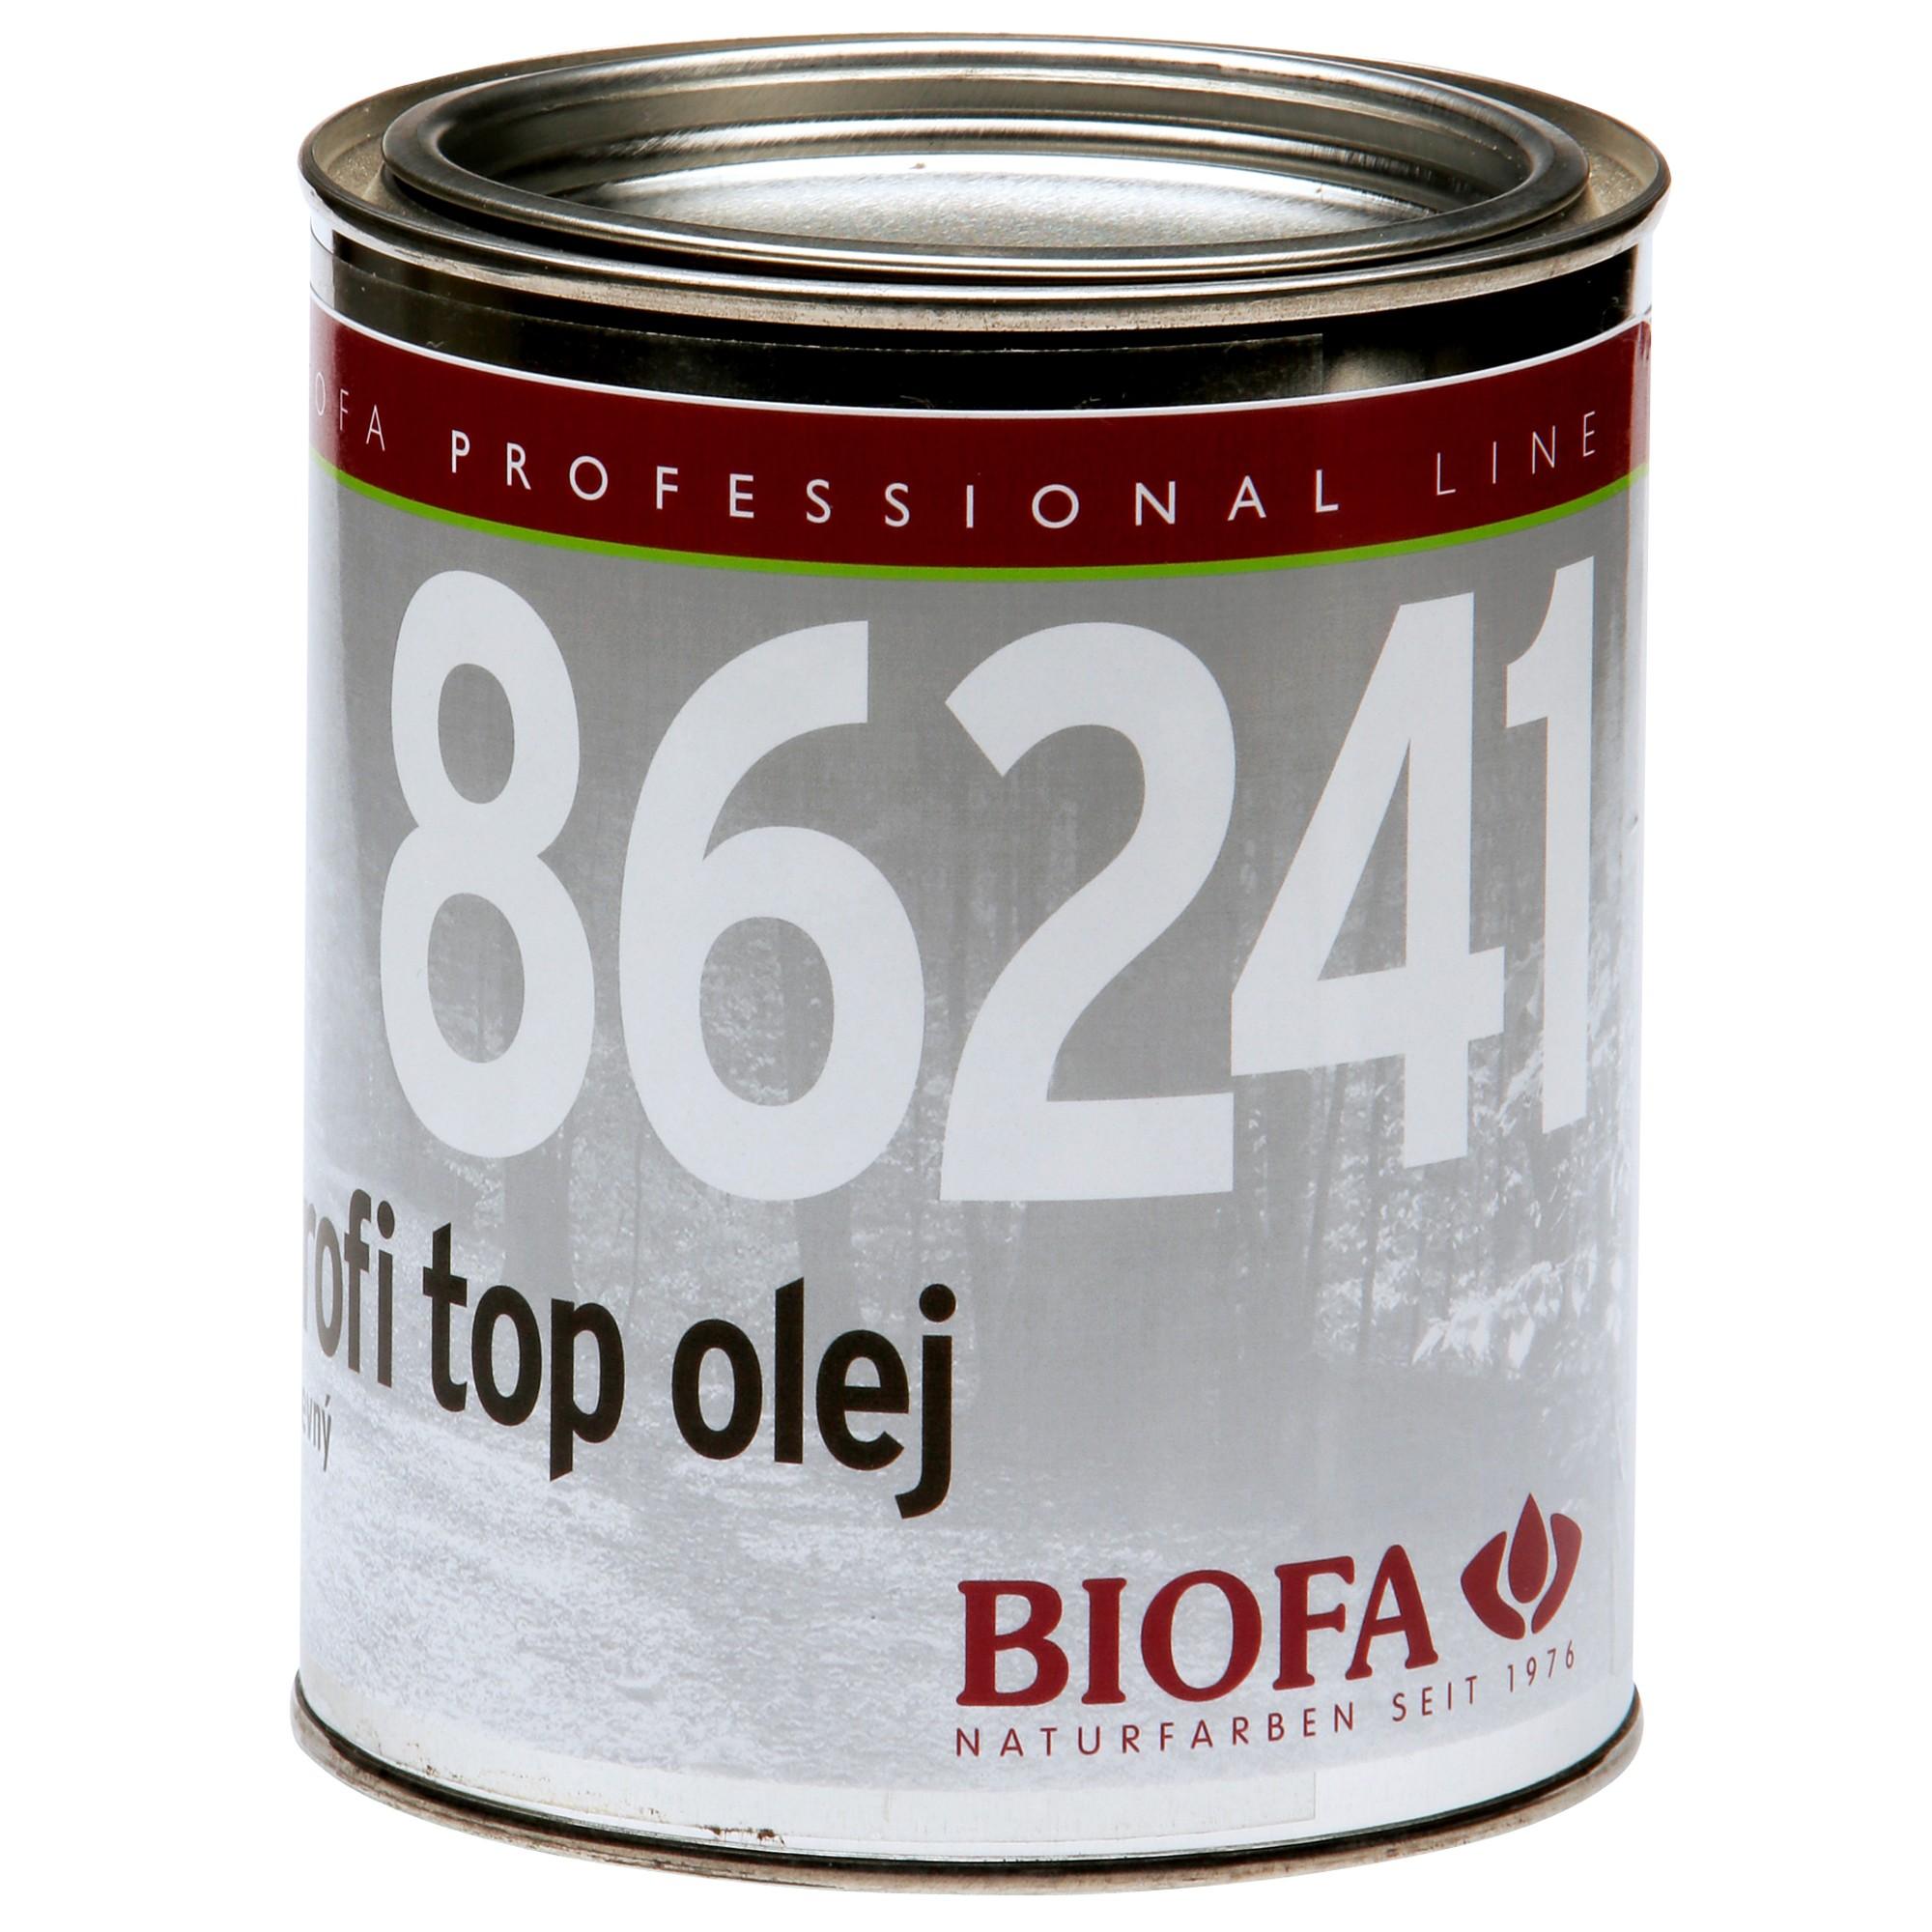 Hlavní obrázek produktu 86241 Profi top olej barevný (Odstín  8741 noce e82d3893d9